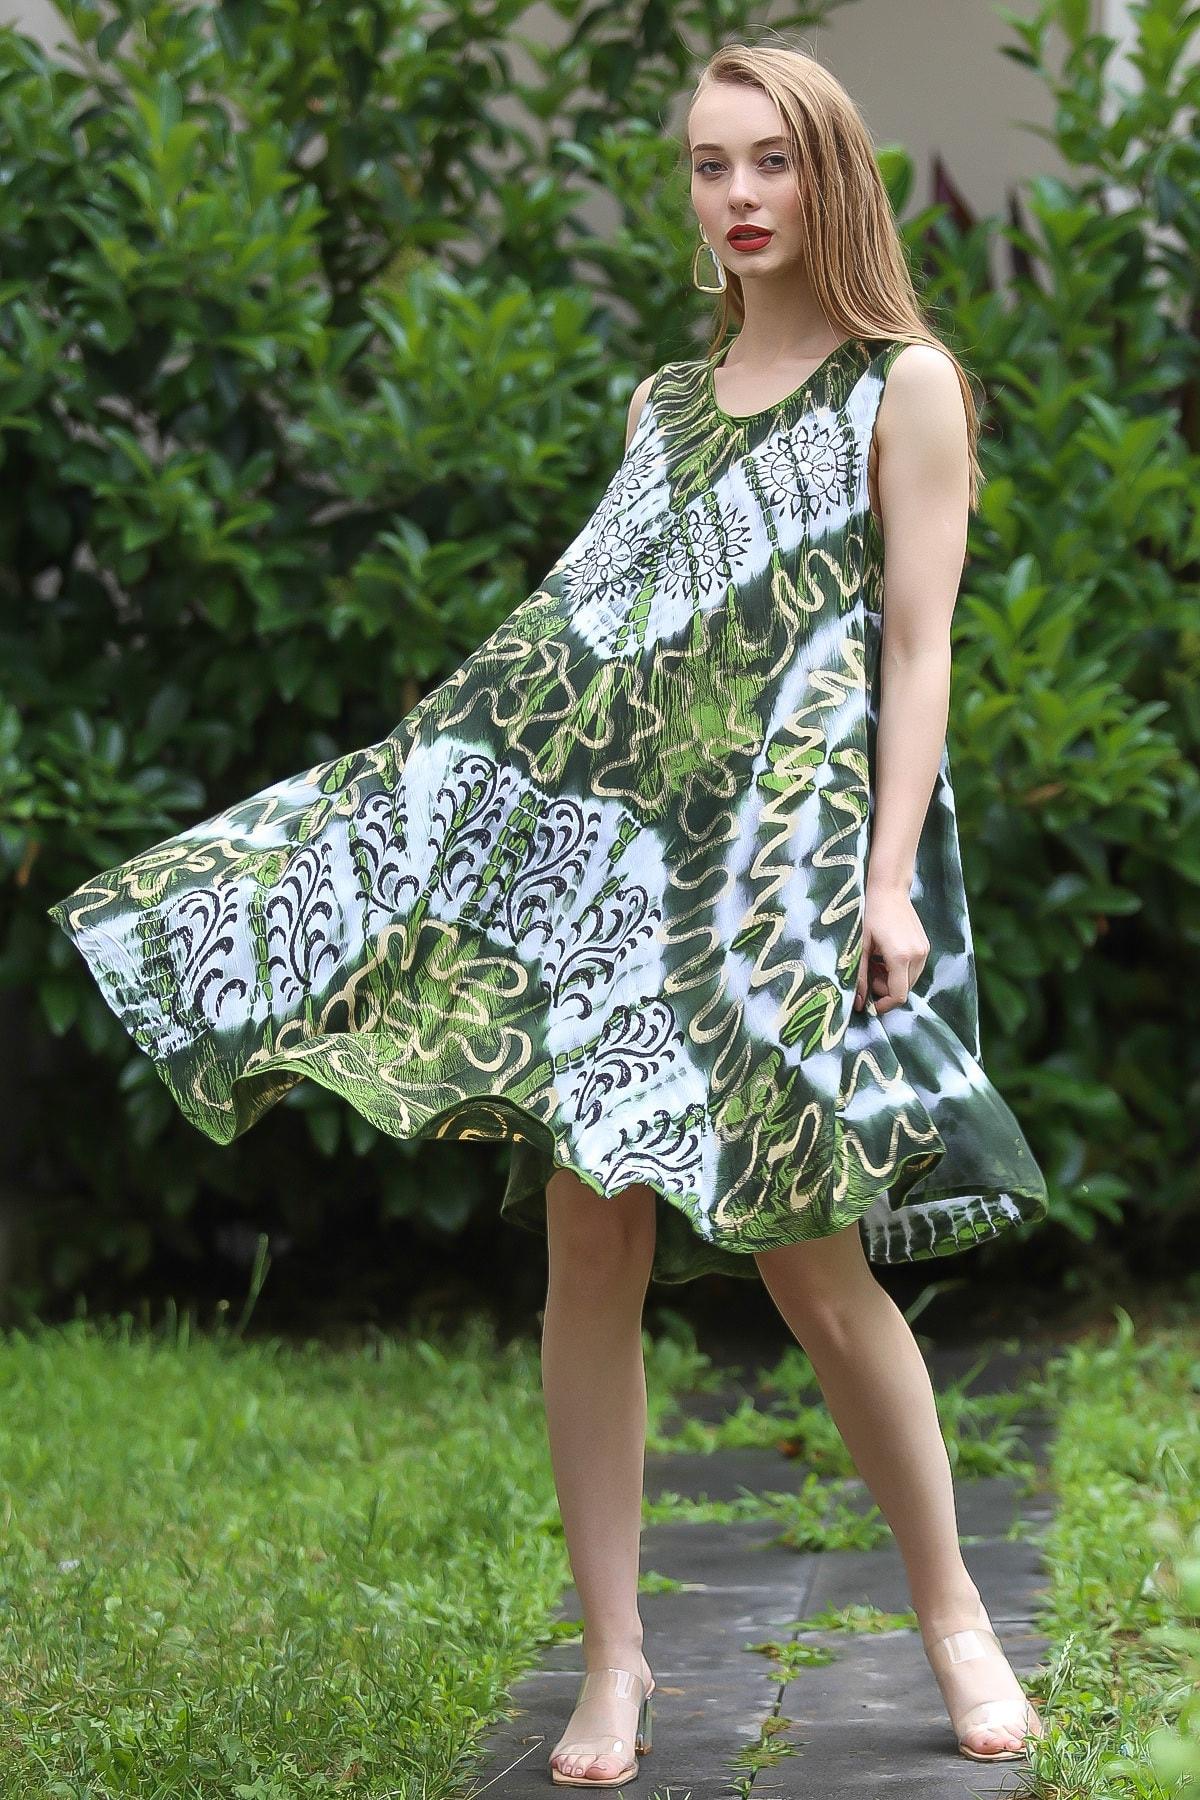 Chiccy Kadın Yeşil Bohem Batik Desenli Kolsuz Kloş Elbise M10160000EL96673 2